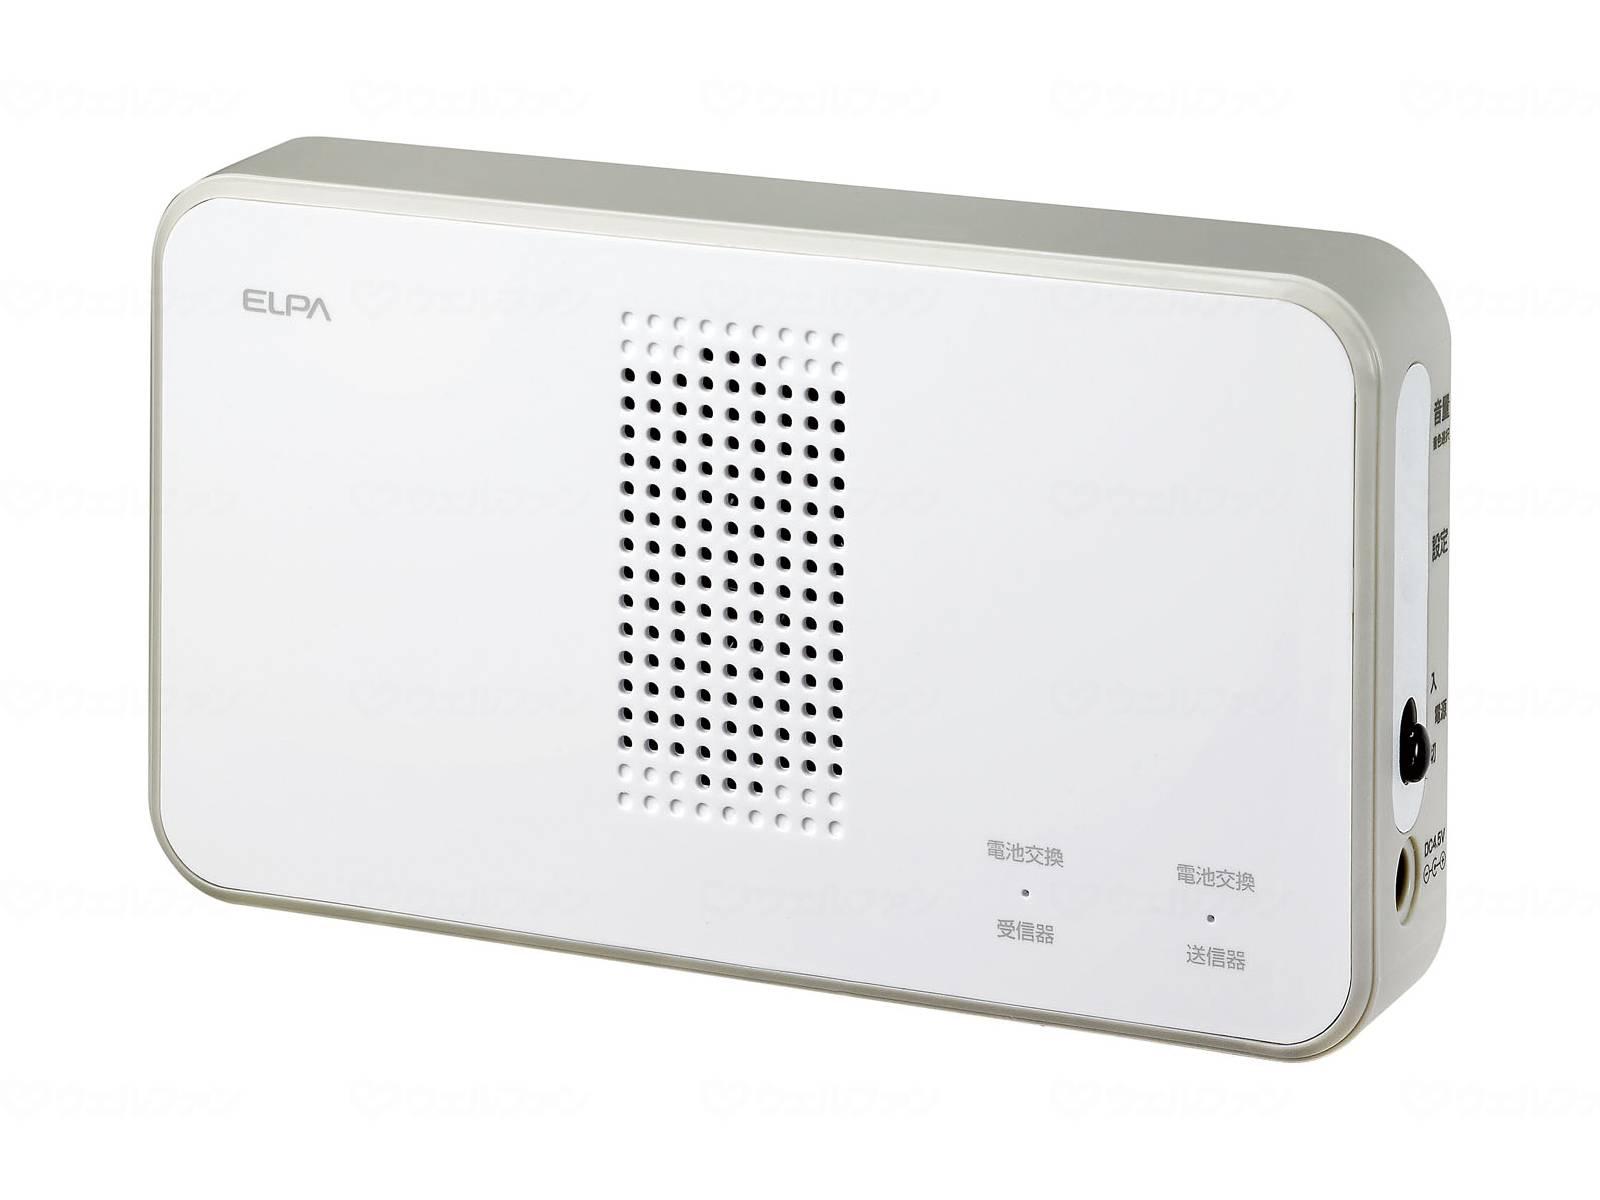 ワイヤレスチャイム受信機の画像